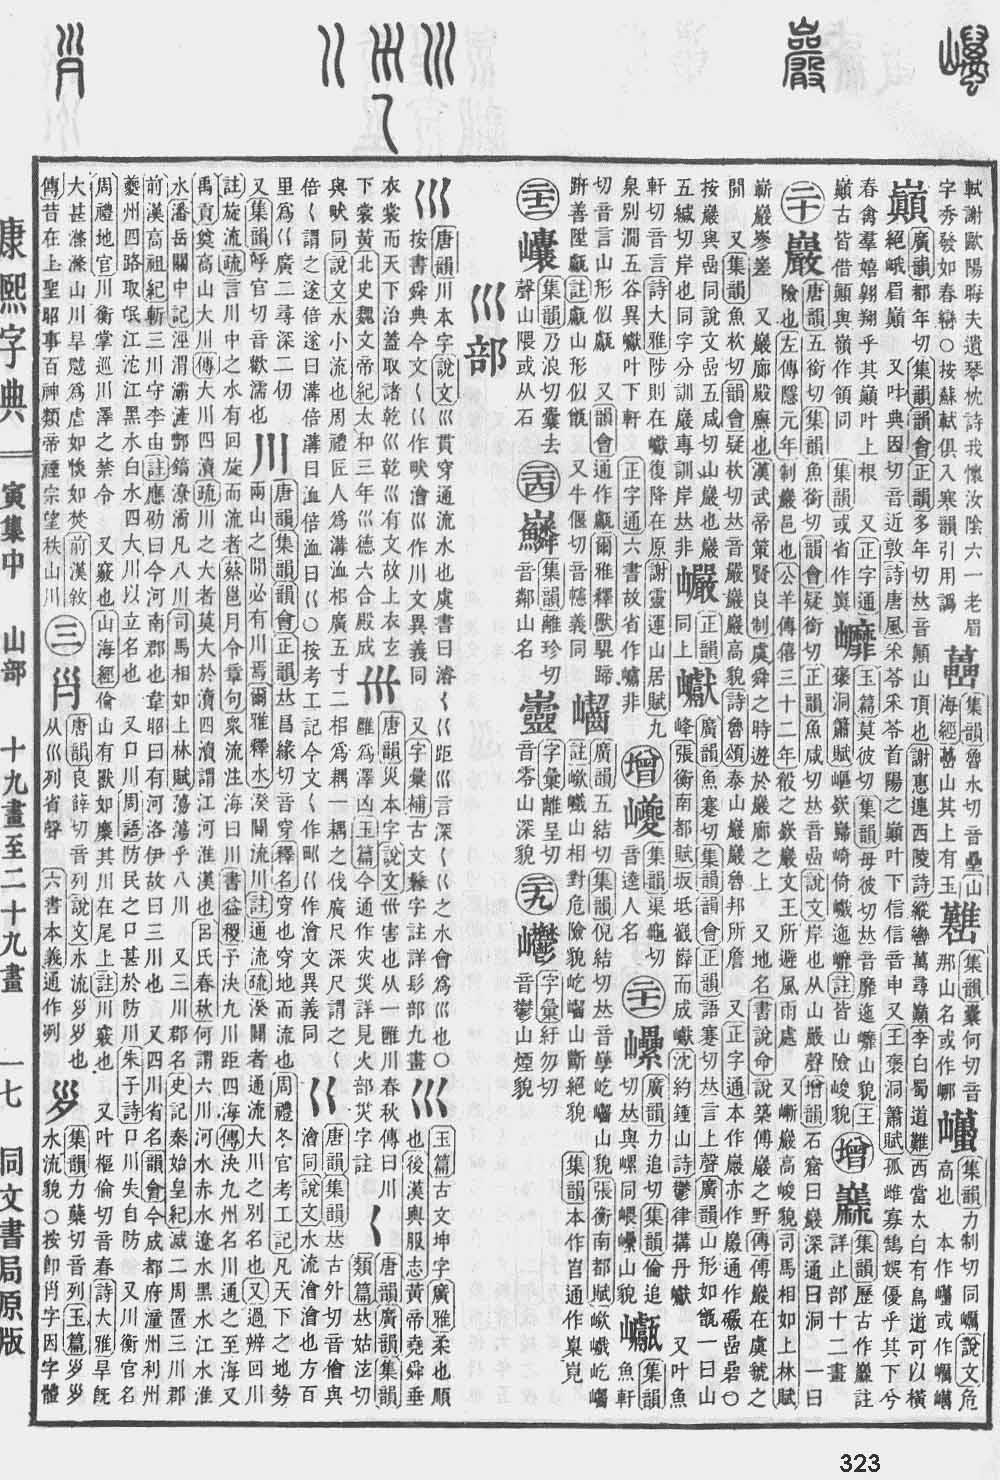 《康熙字典》第323页